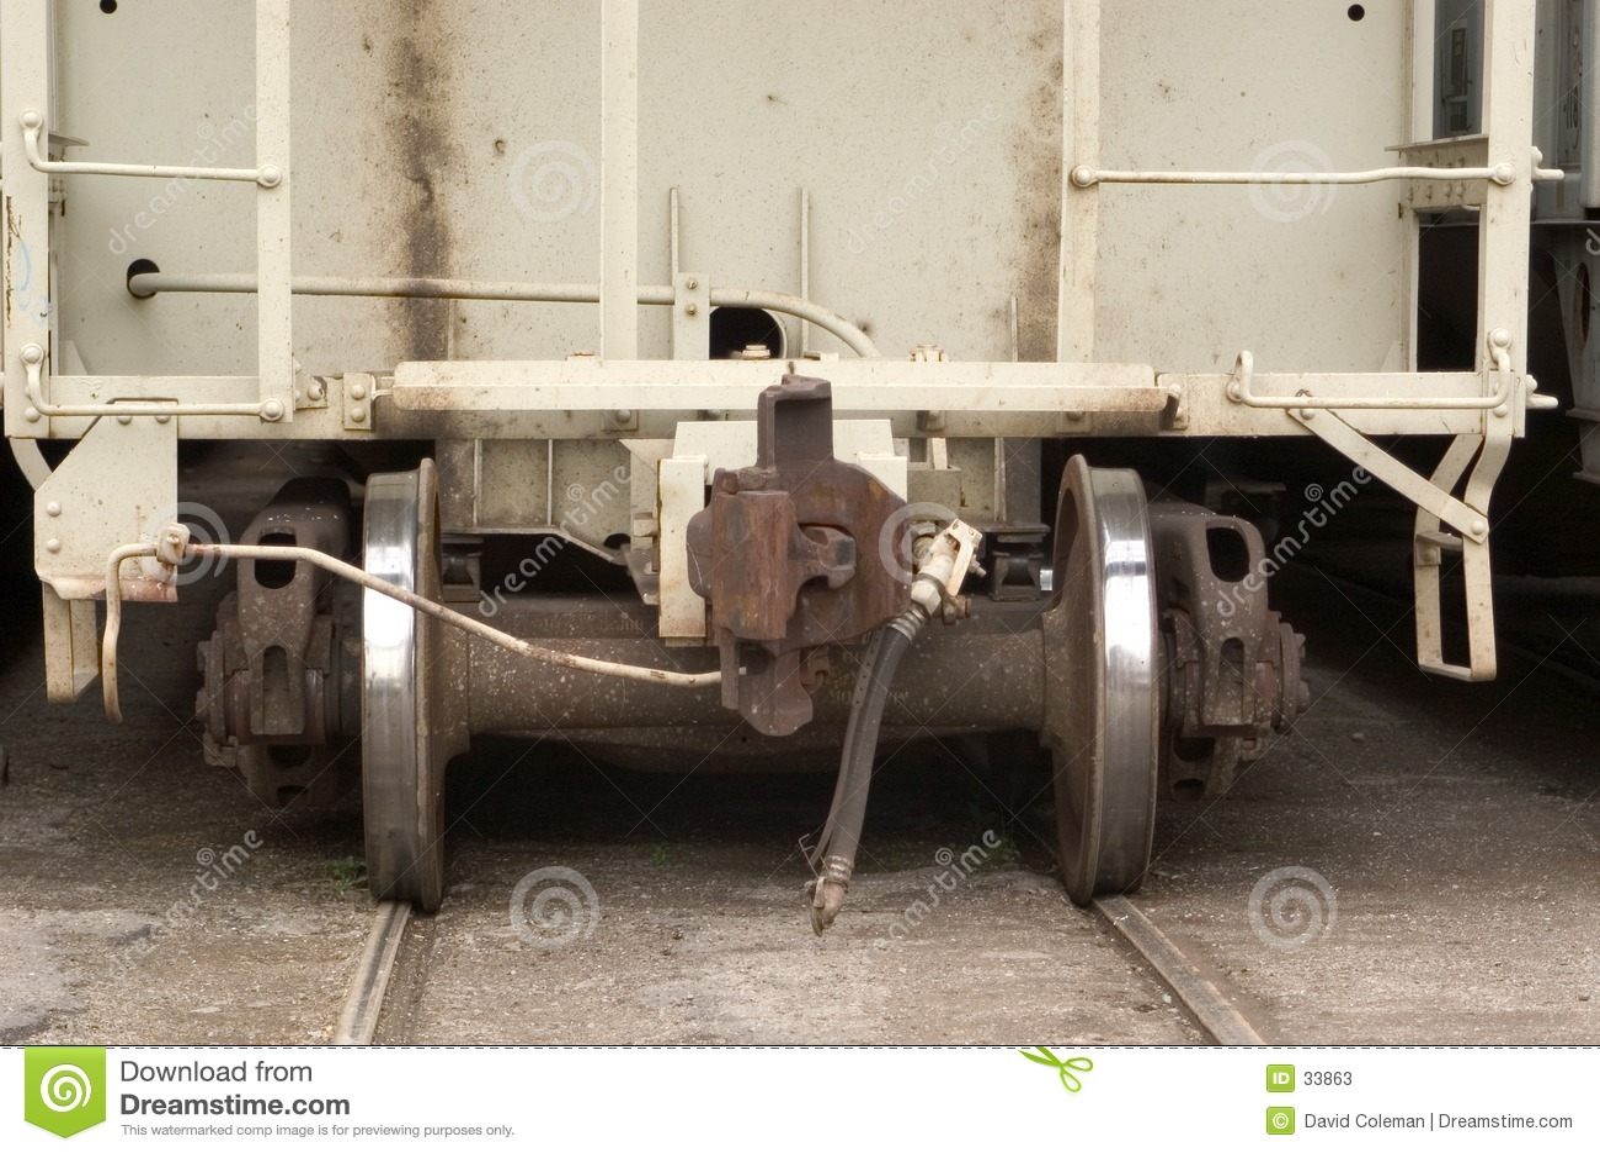 Railroad Car Detail